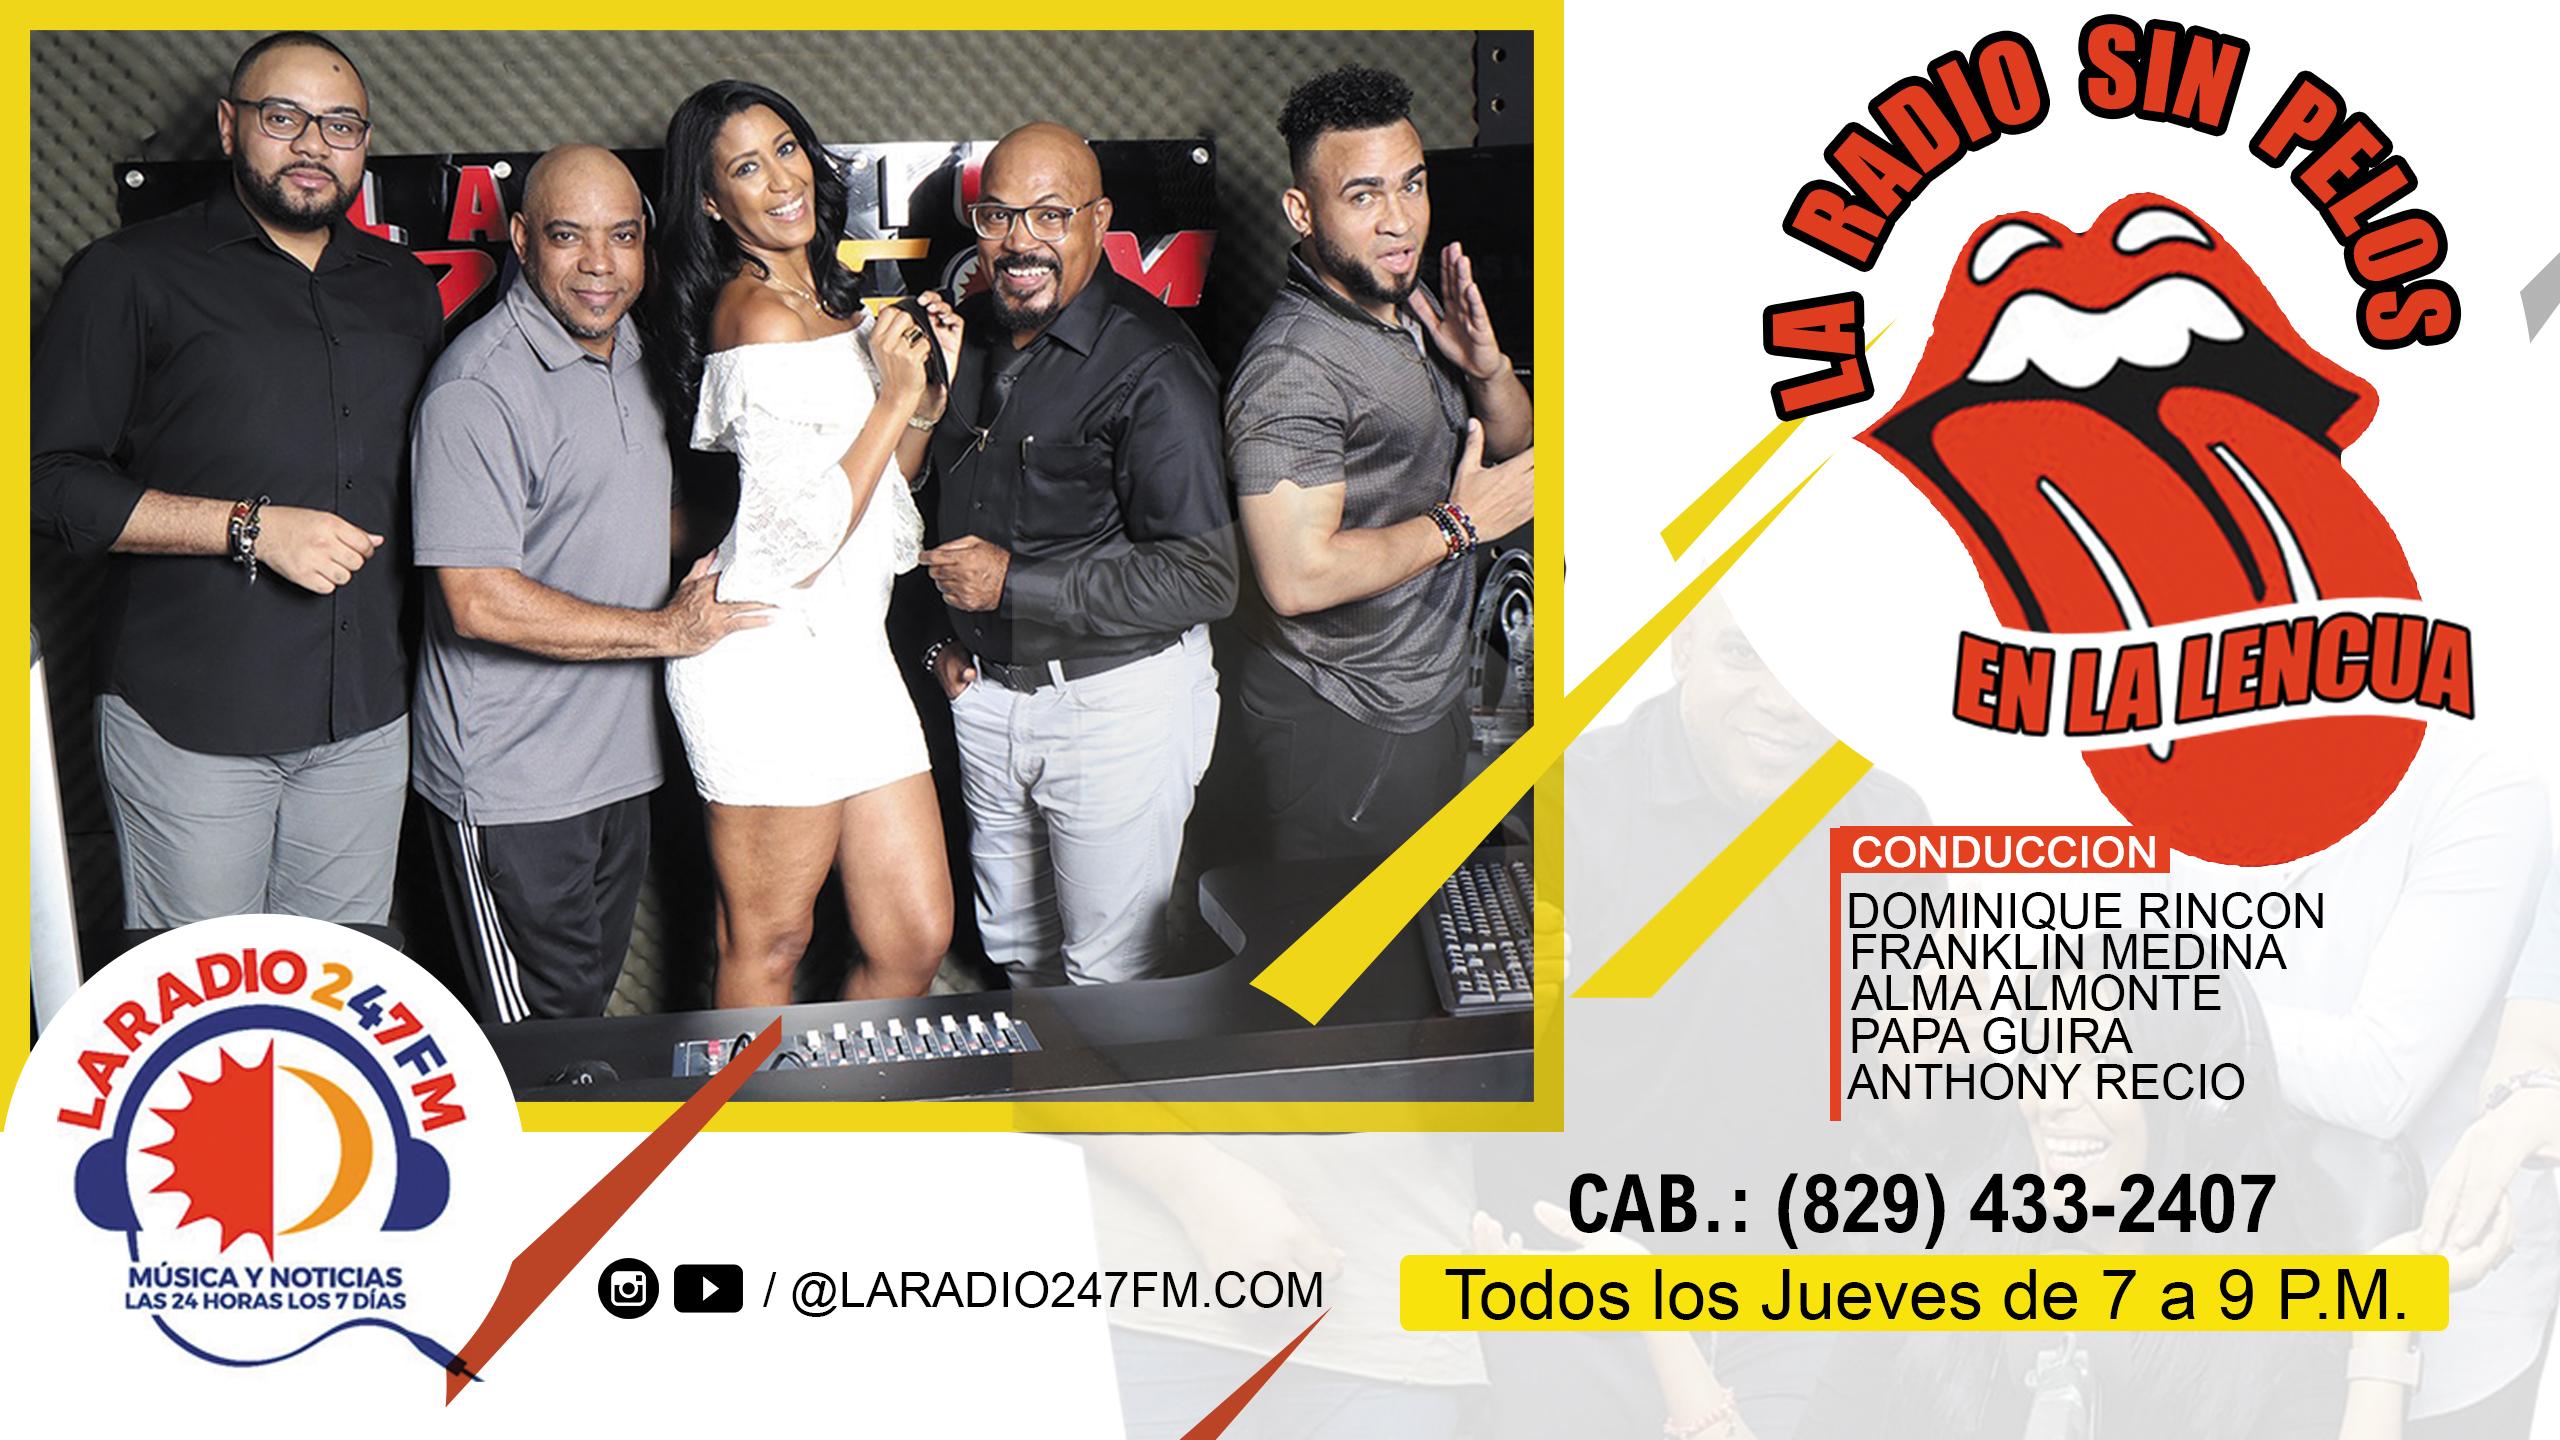 LARADIO SIN PELOS EN LA LENGUA BLOQUE 3 NAVIDAD #LARADIO247FM